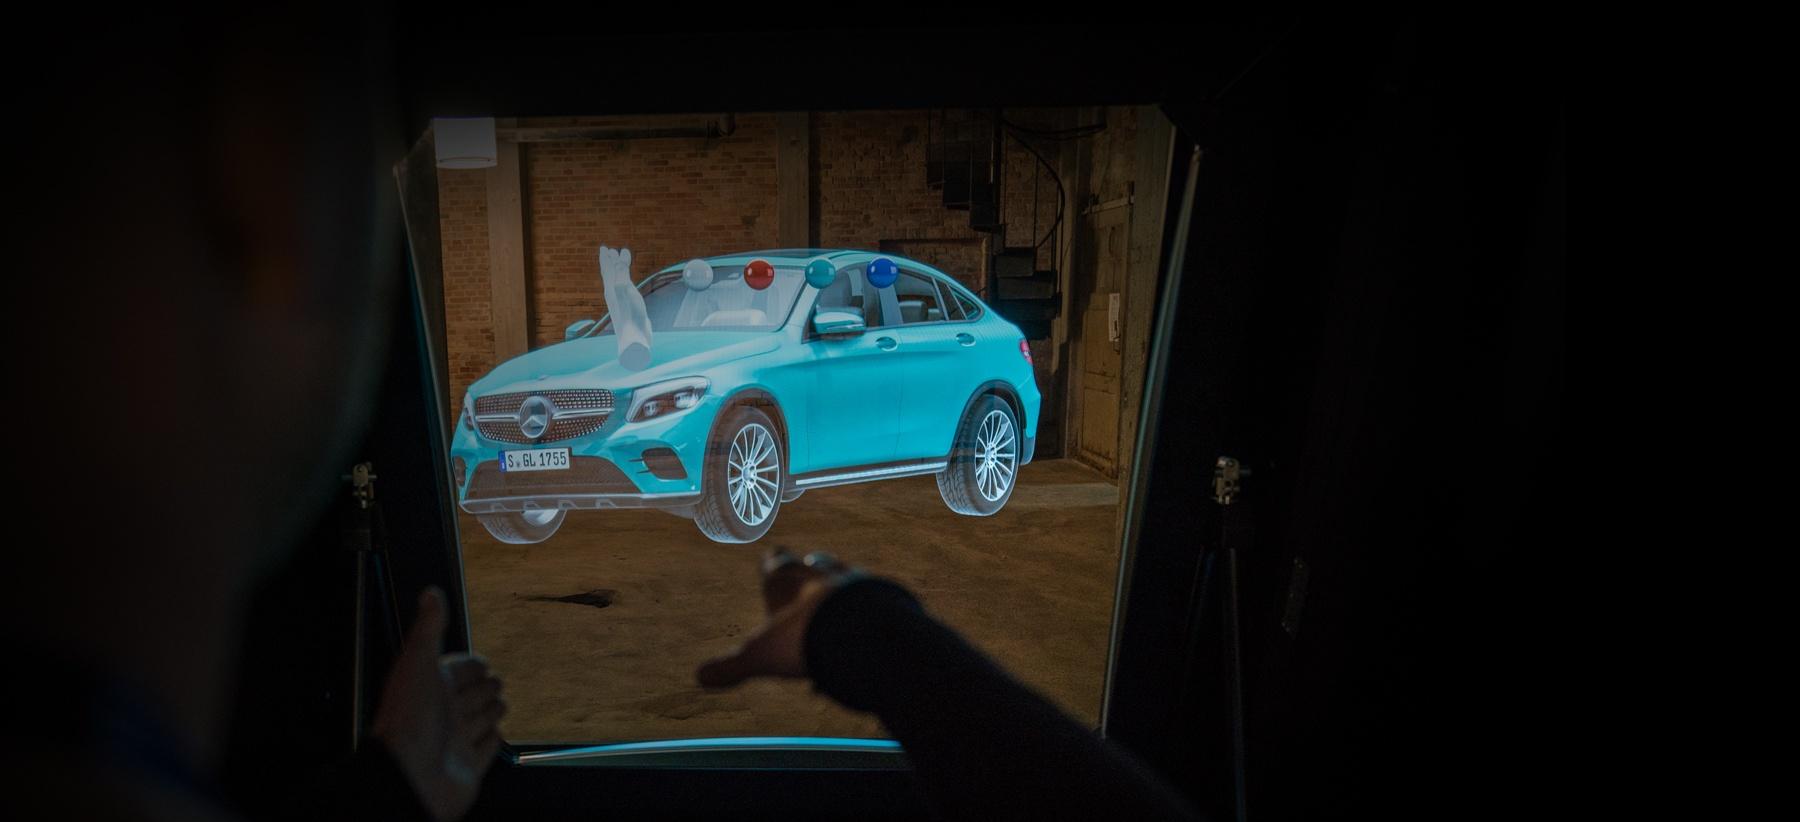 DeepFrame in car industry